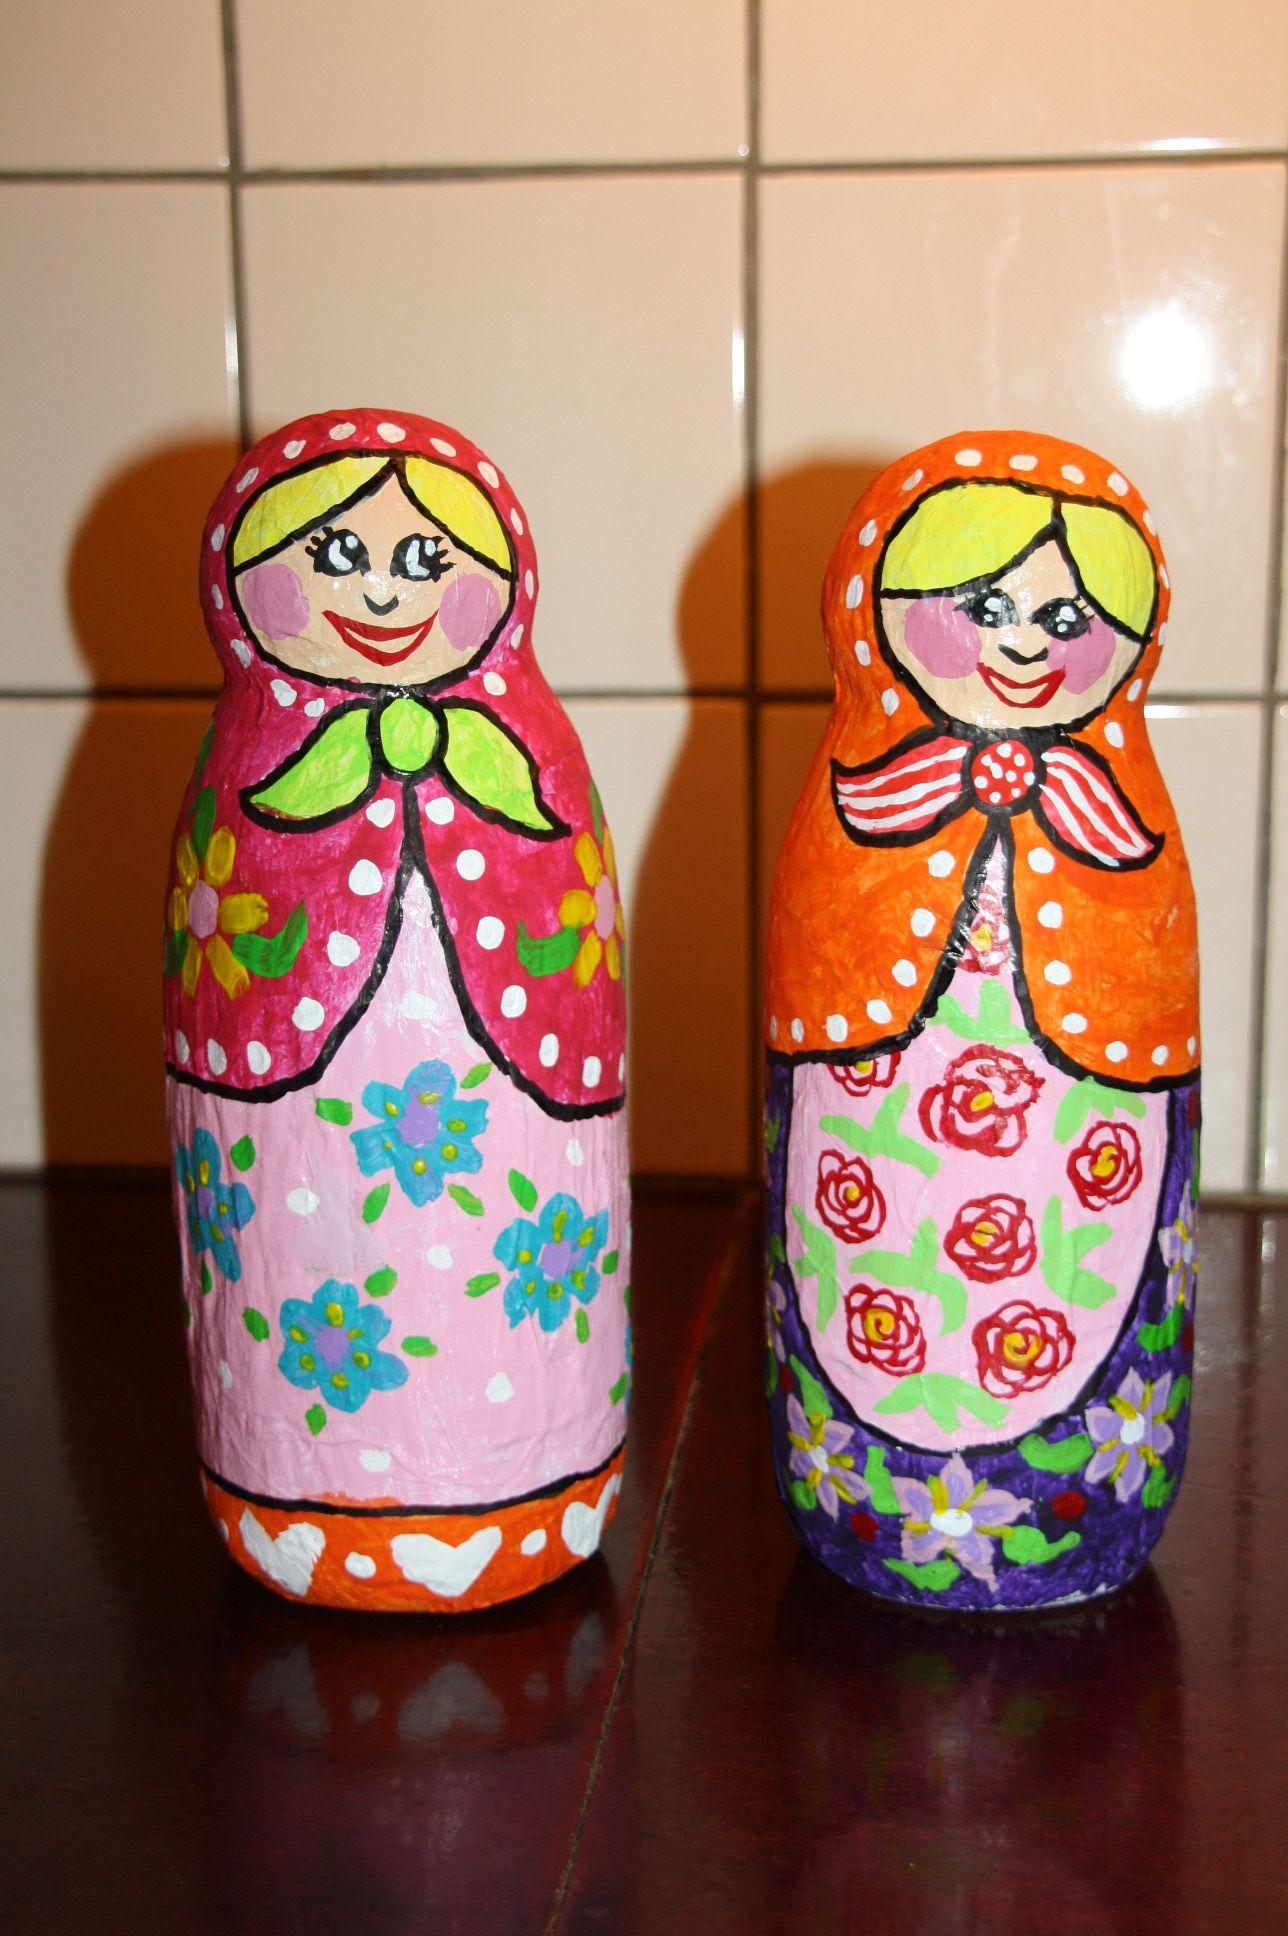 poupées russes en papier mâché avec une bouteille de lait en plastique et pour la tête une boule de polystyrène.scotchée à la bouteille.